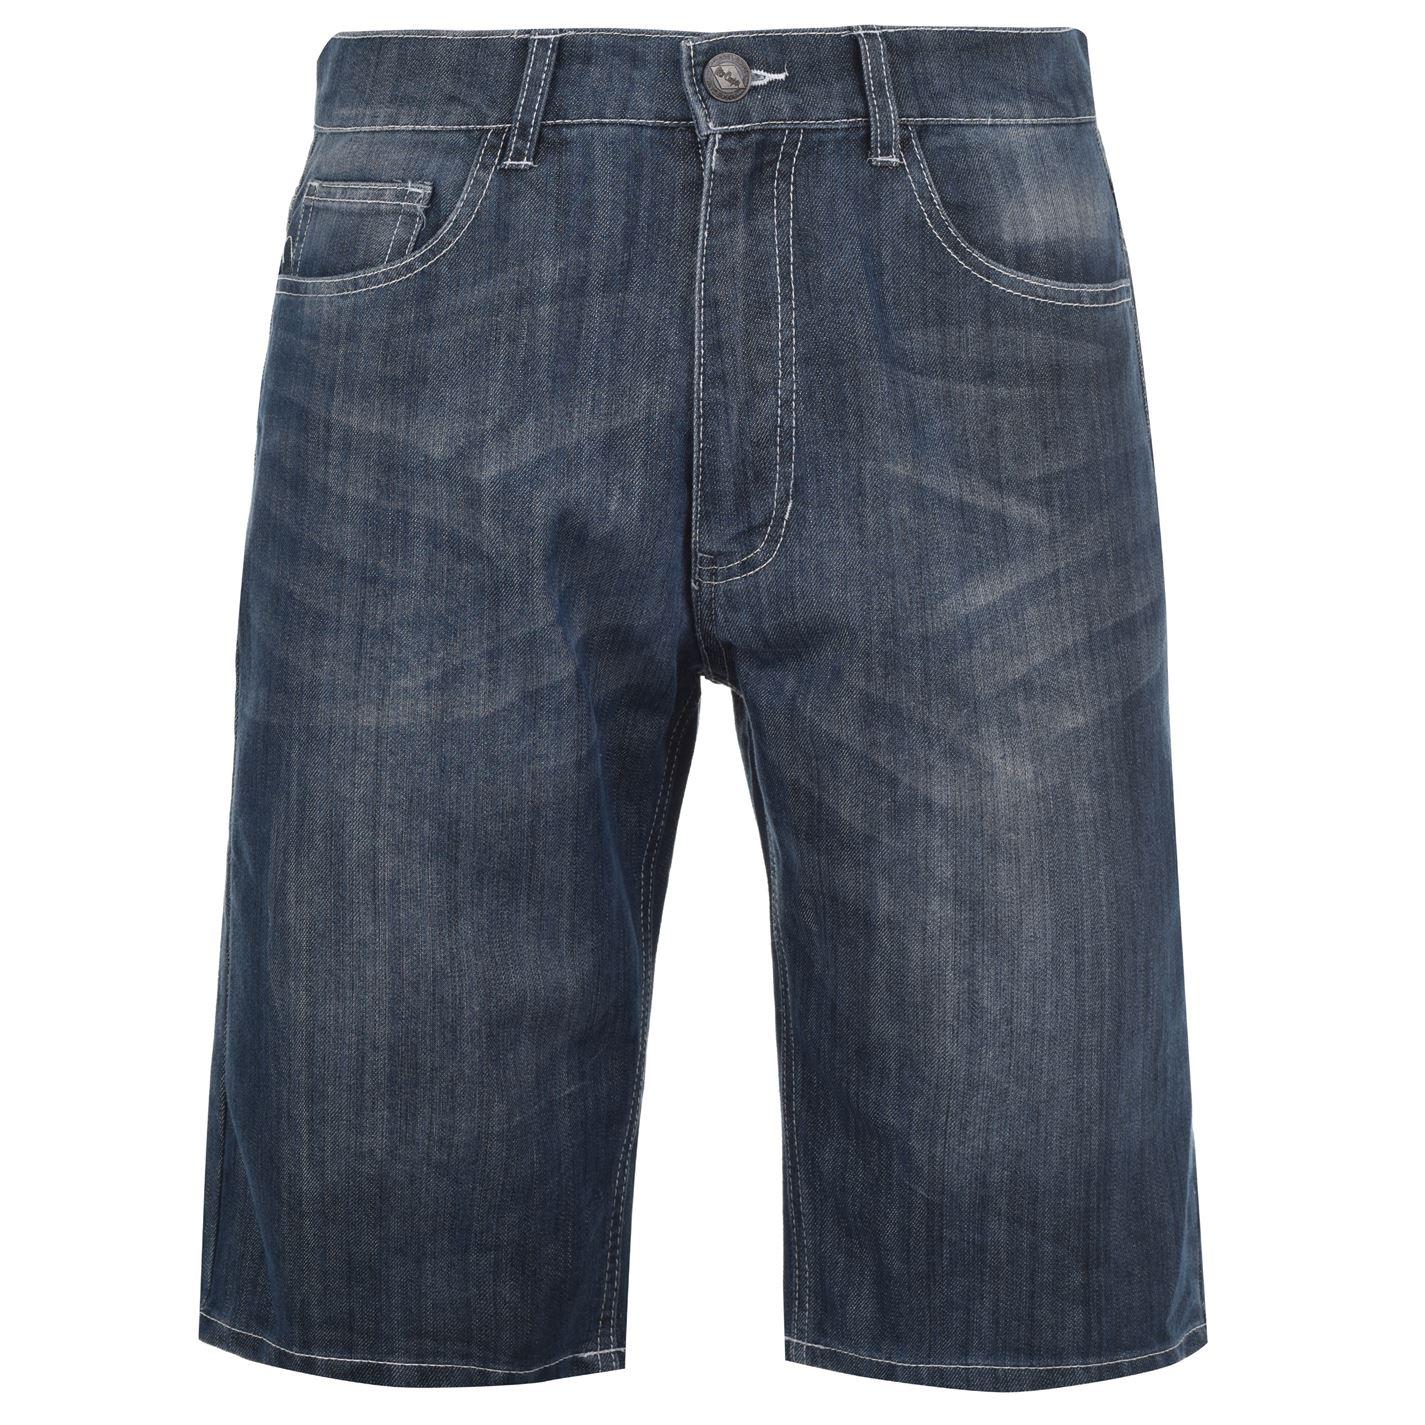 Lee Cooper Washed Denim Shorts Mens